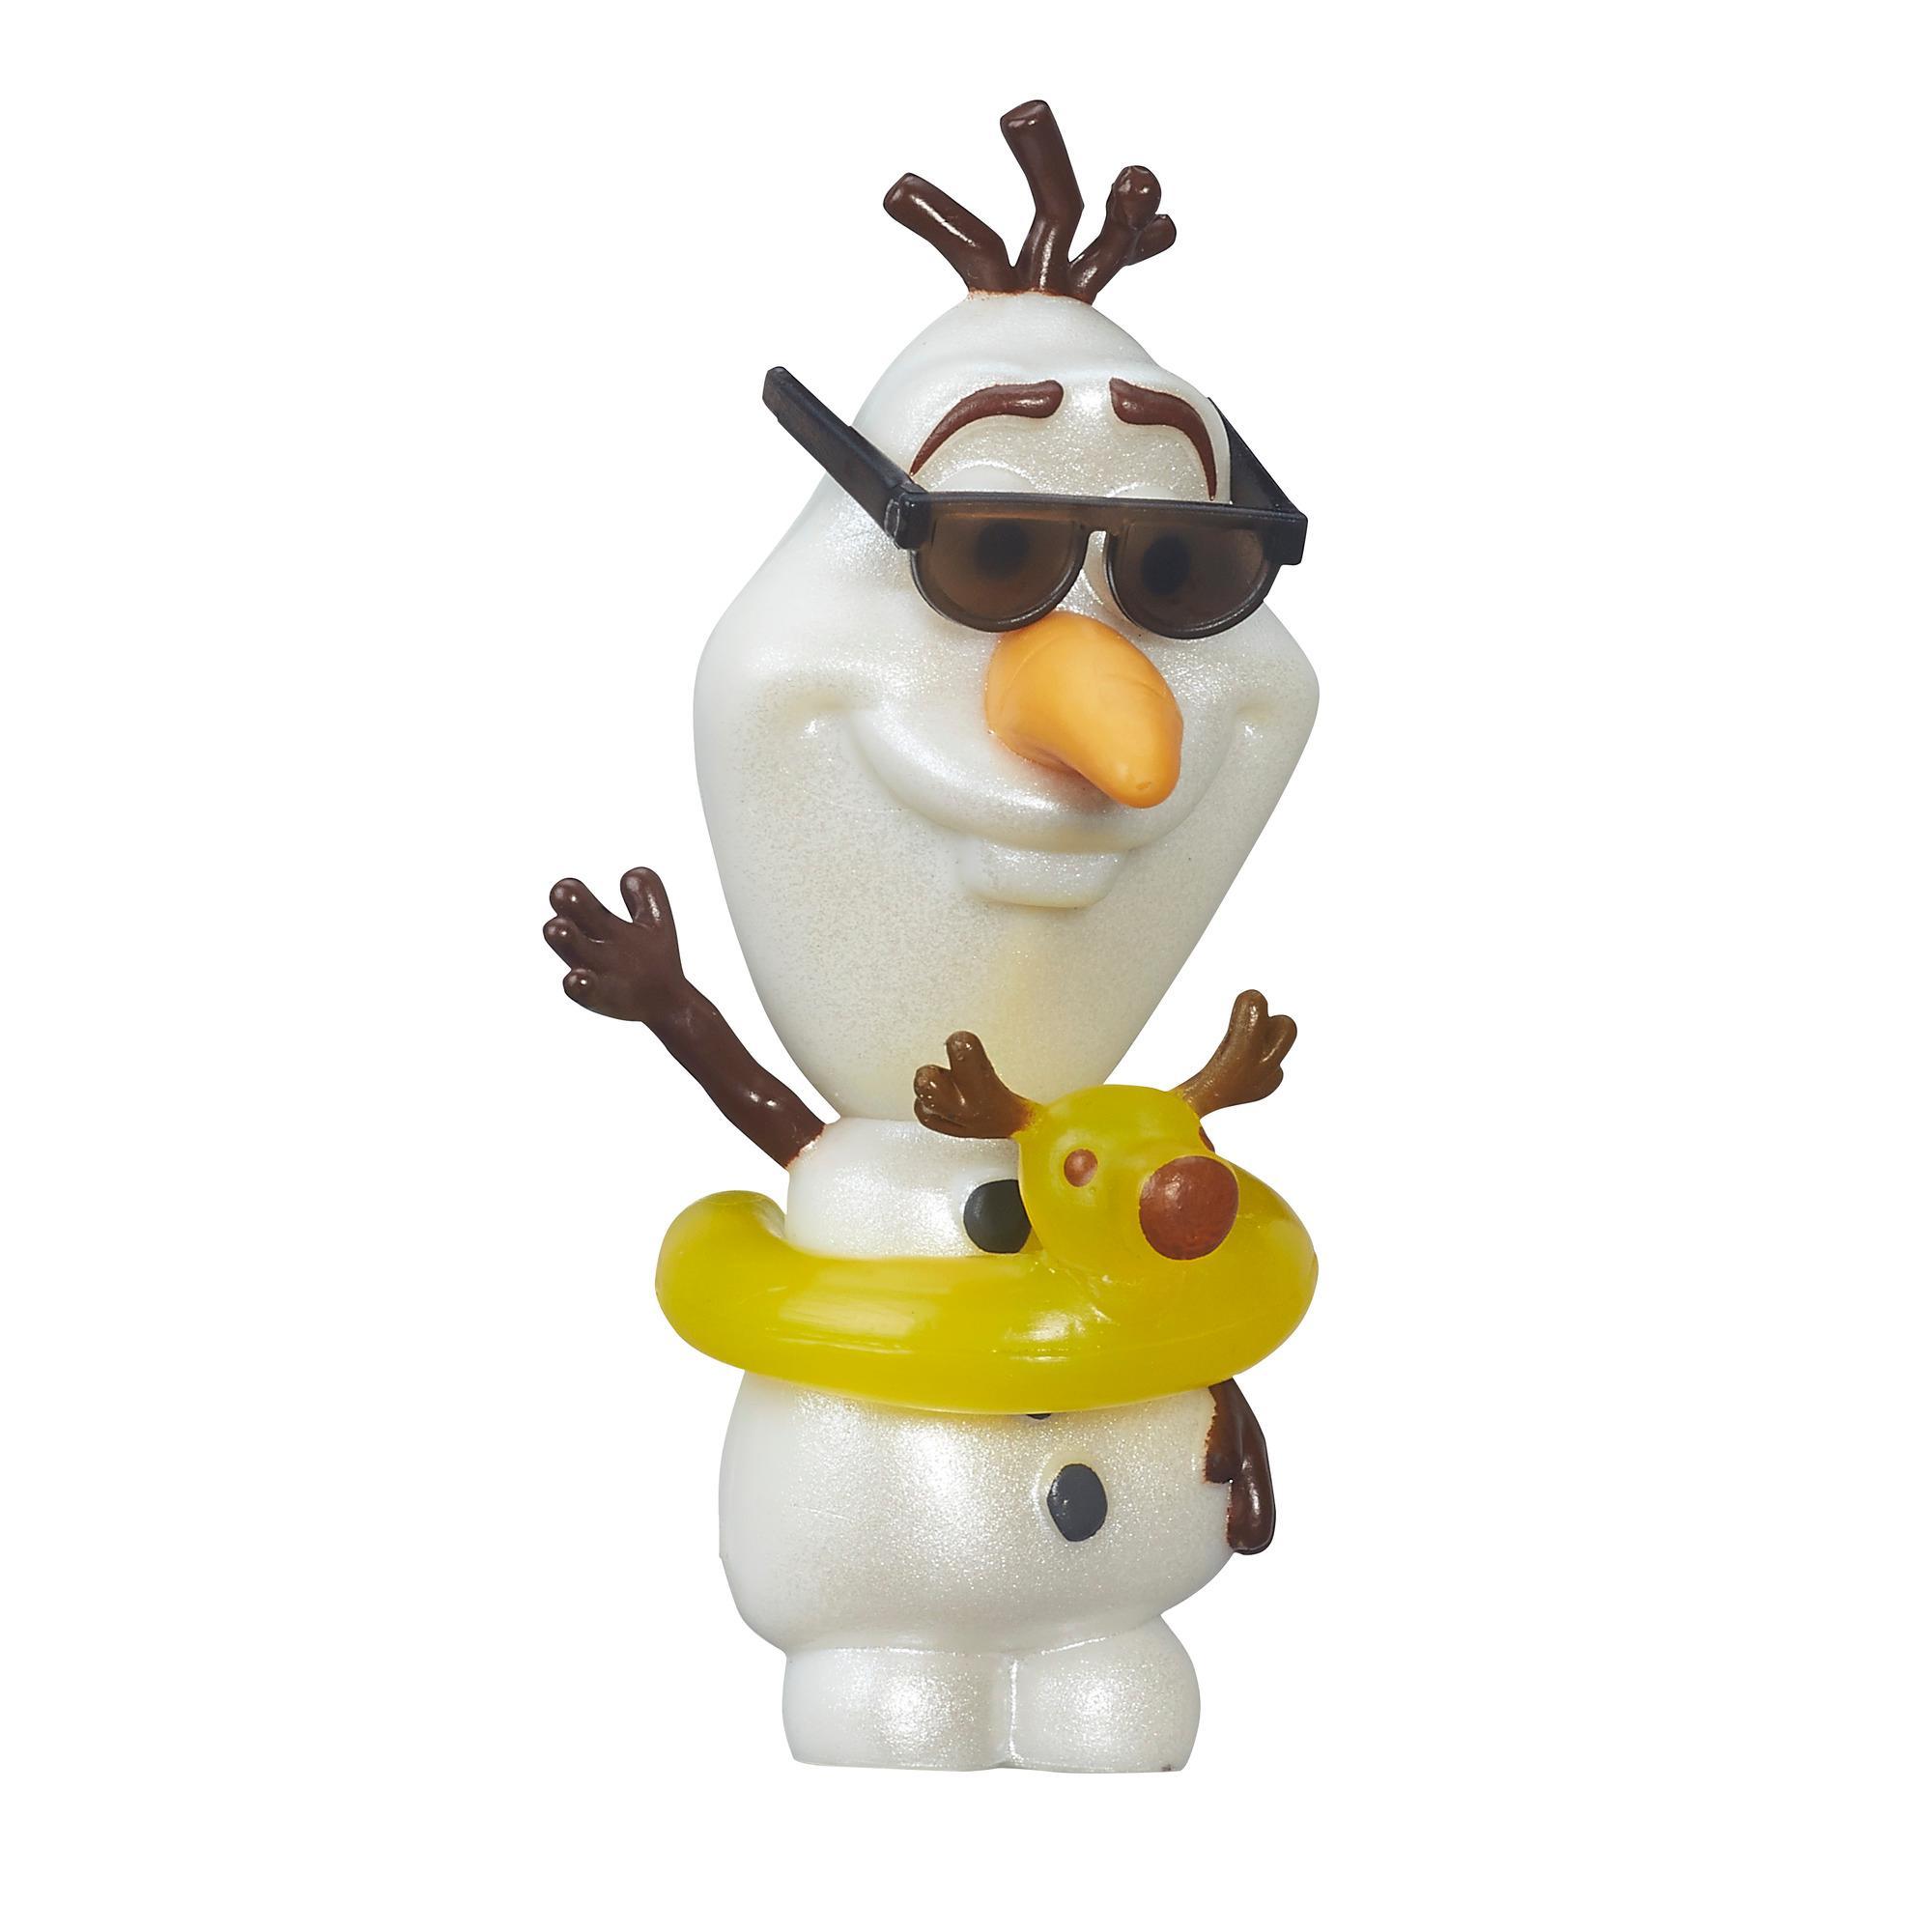 figurina disney frozen micul regat - olaf, 7.5 cm